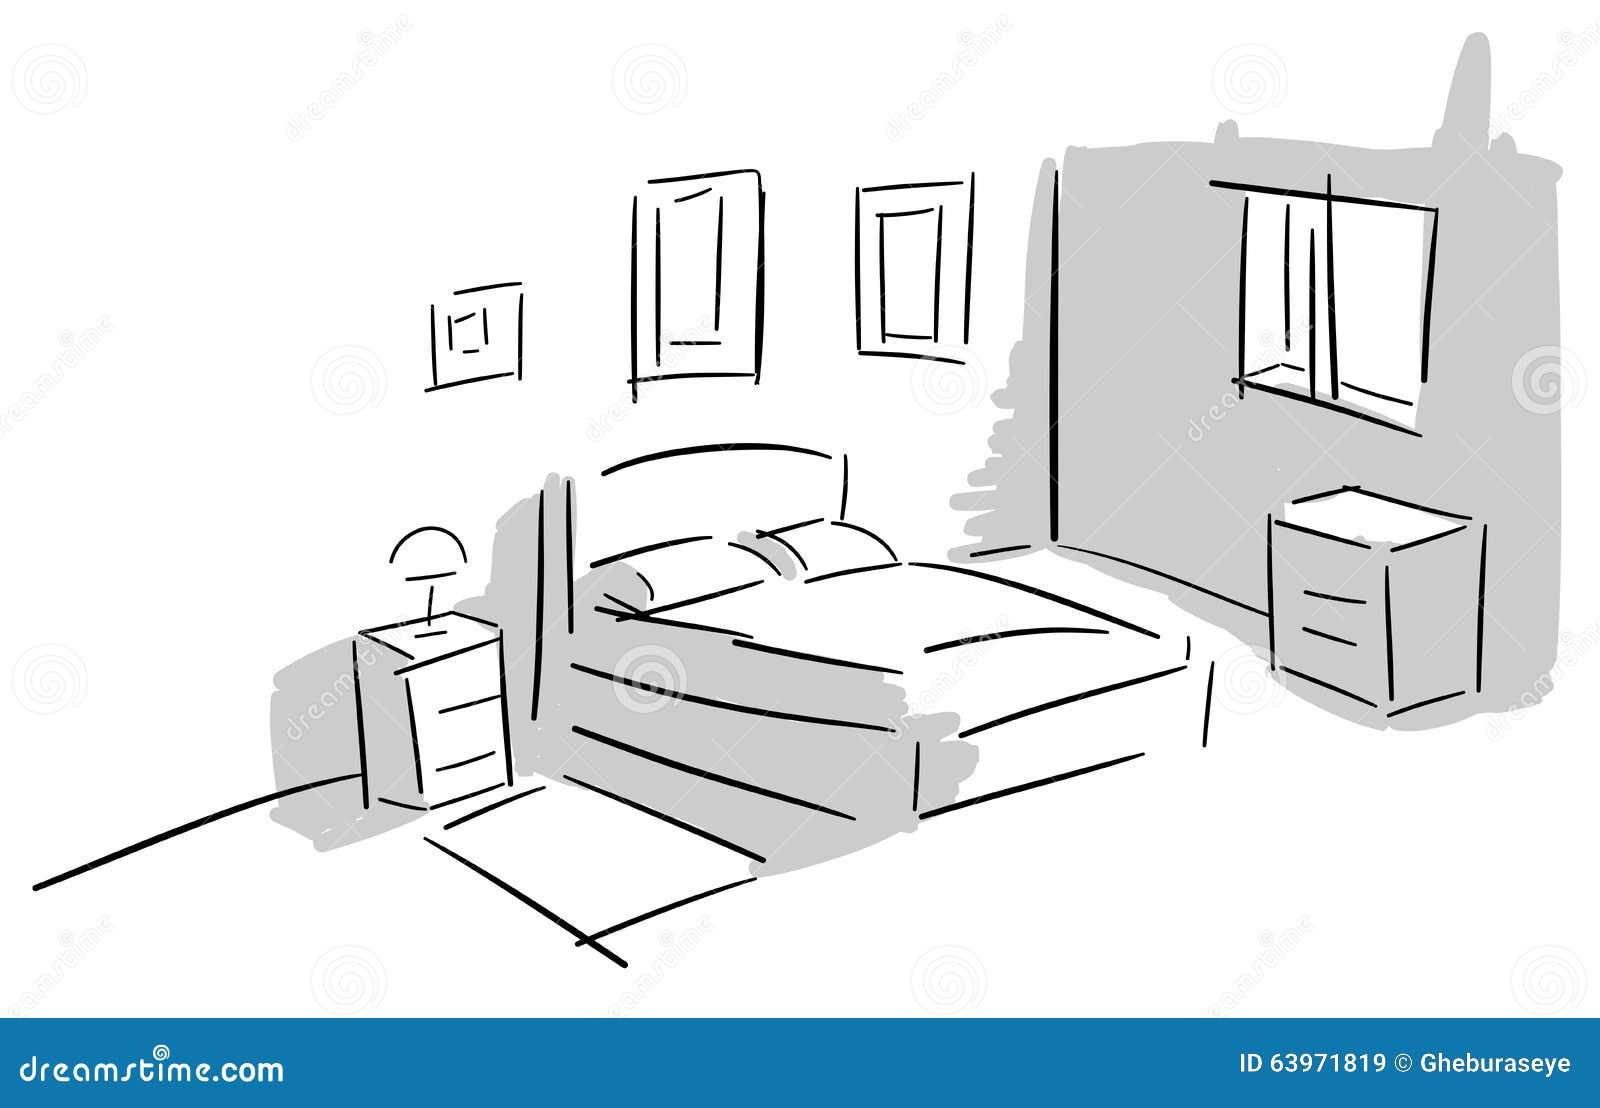 Camera da letto variopinta stilizzata illustrazione vettoriale illustrazione di grigio - Acquisto camera da letto ...